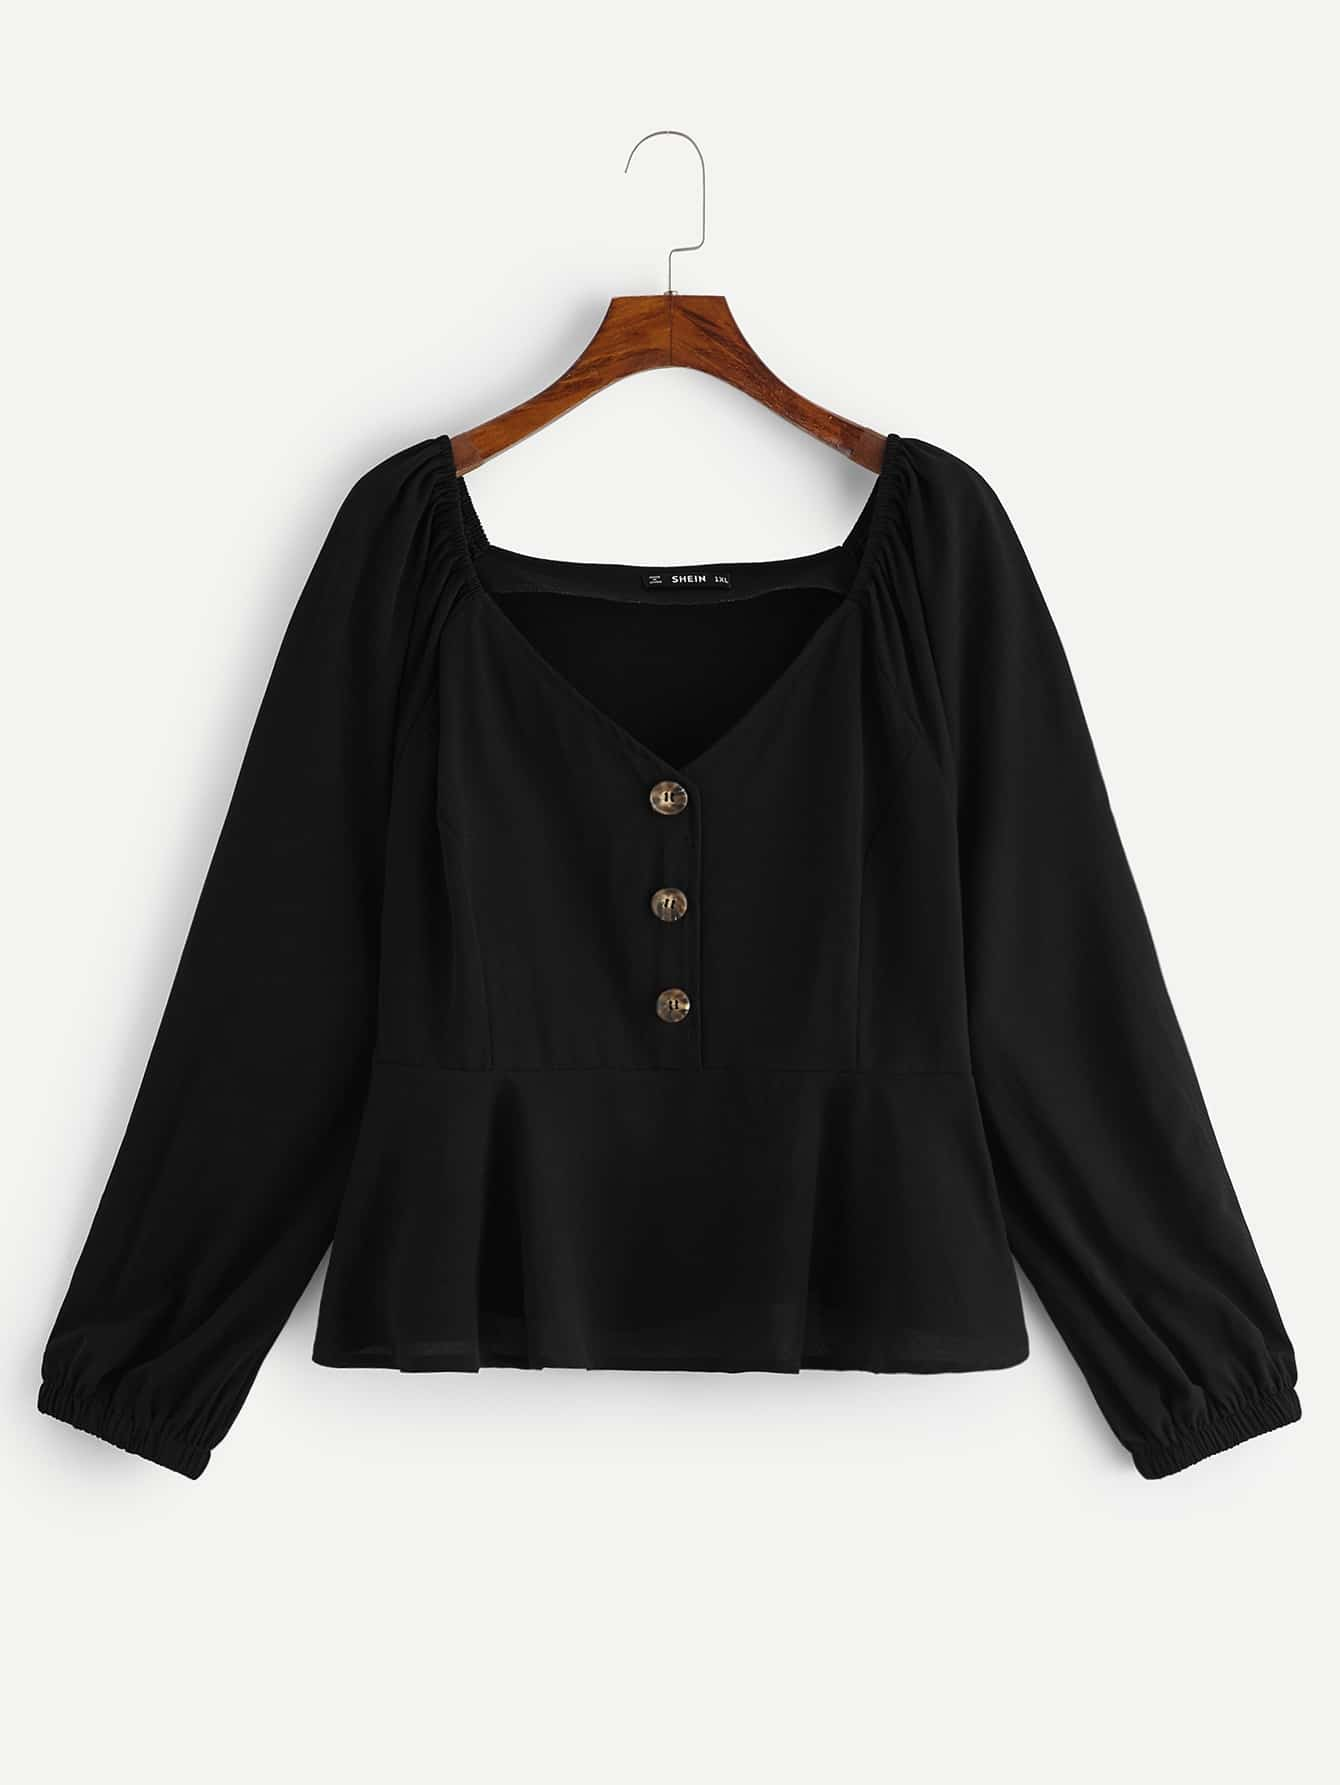 Фото - Размера плюс блузка-юбка с пуговицами от SheIn цвет чёрные